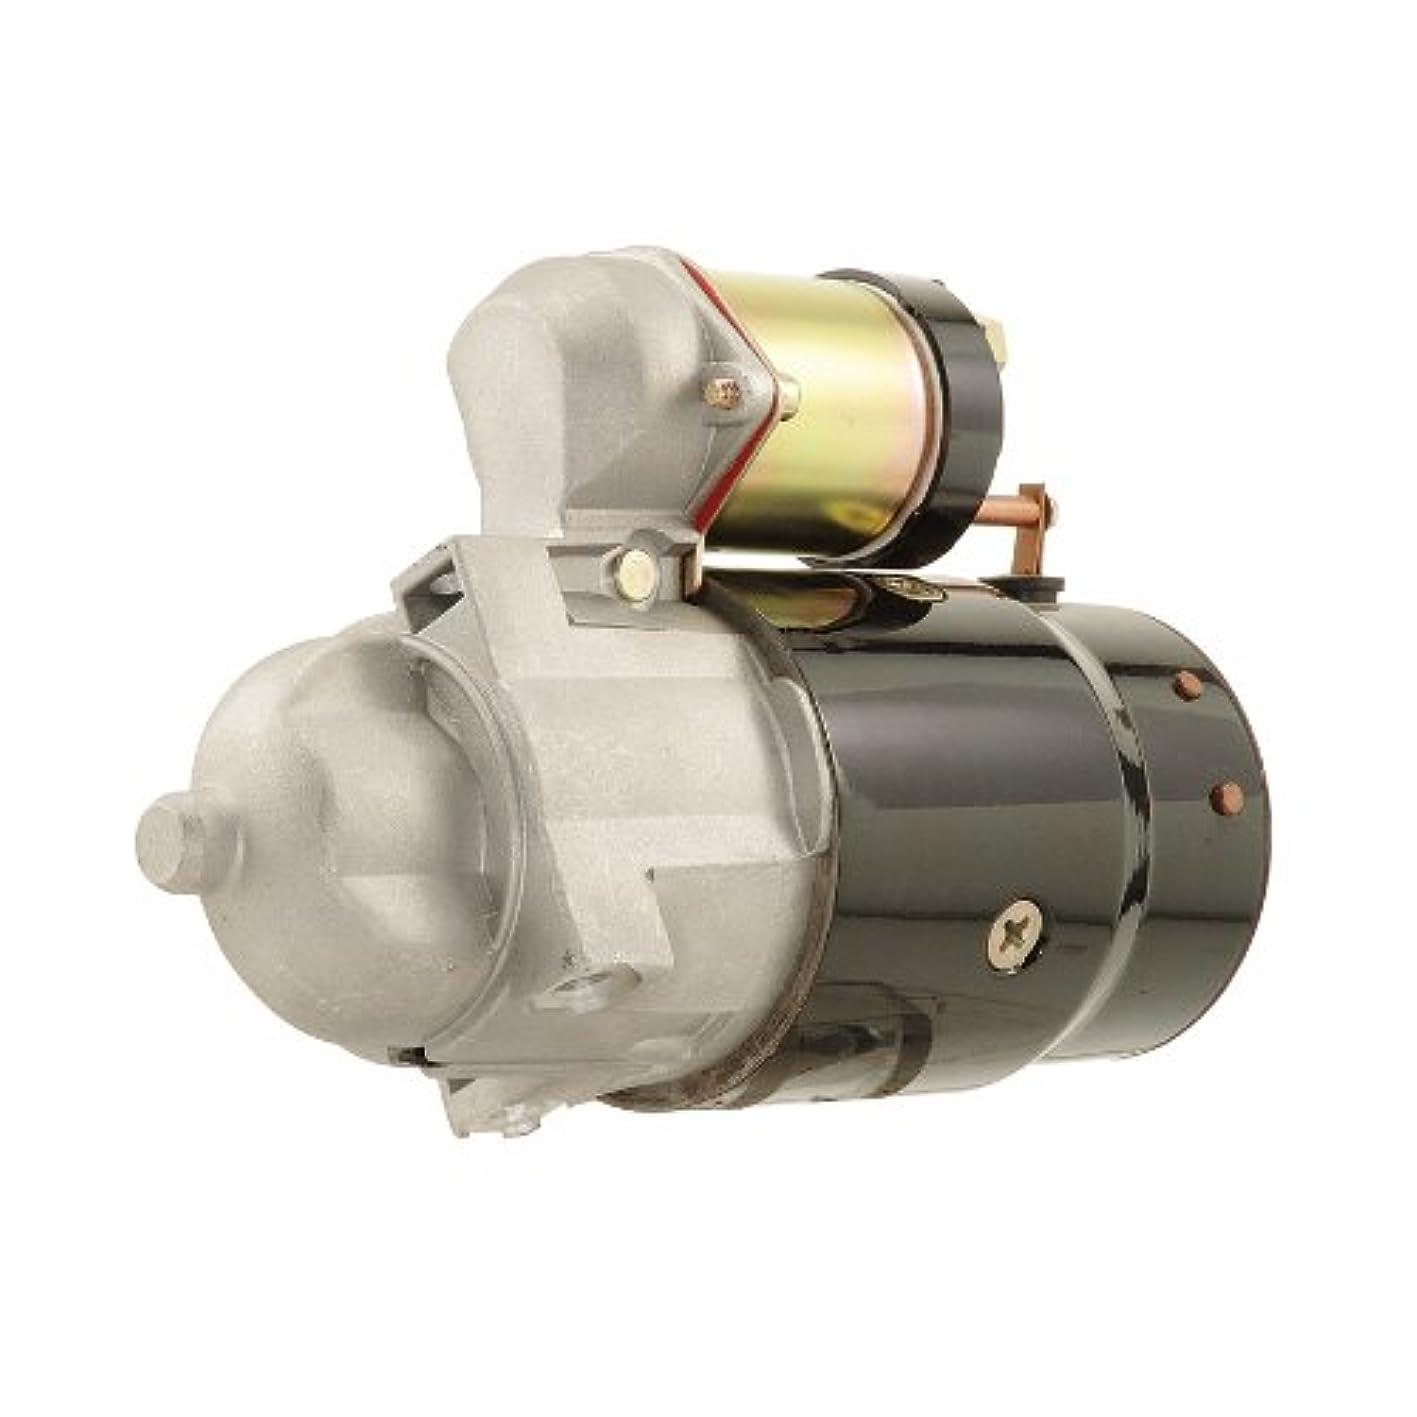 ACDelco 337-1016 Professional Starter pncyazrjini001